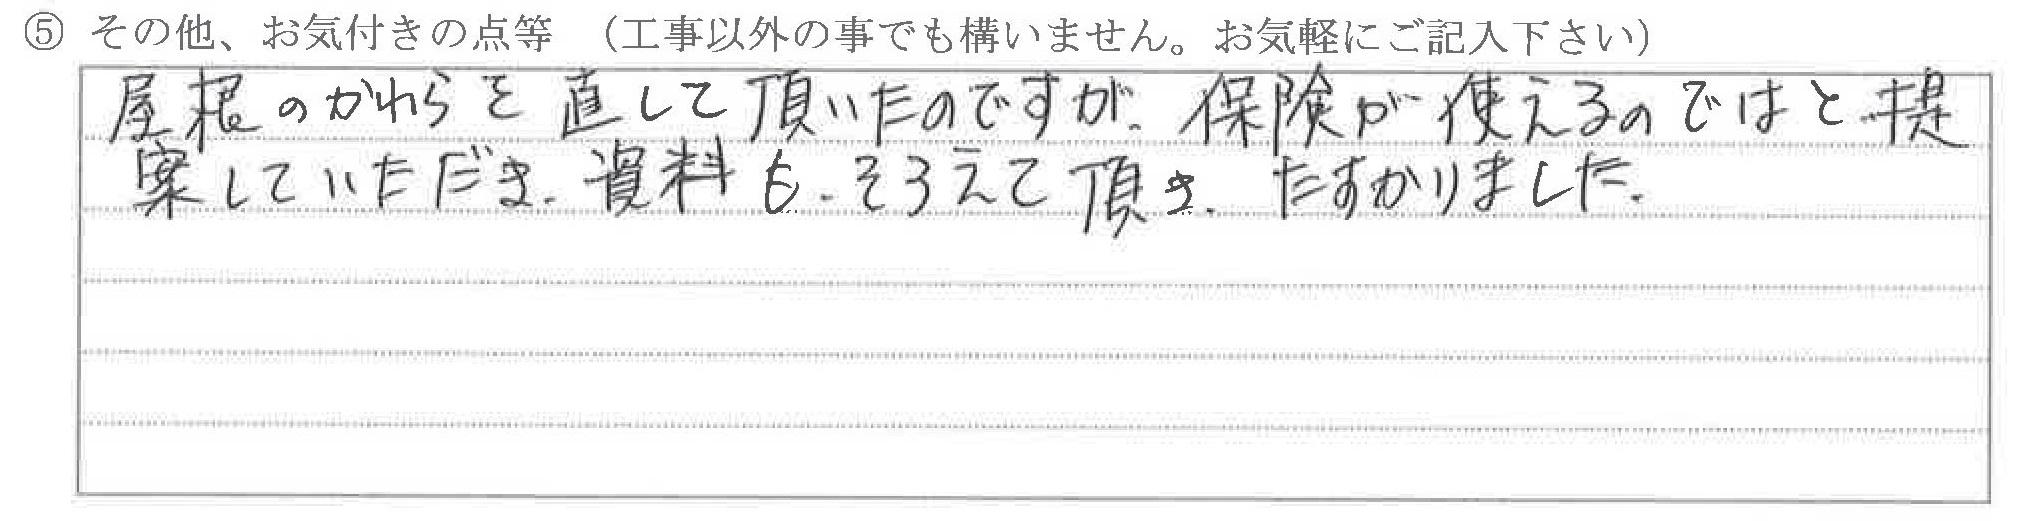 富山県魚津市Y様に頂いた屋根棟補修工事についてのお気づきの点がありましたら、お聞かせ下さい。というご質問について「屋根補修【お喜びの声】」というお声についての画像